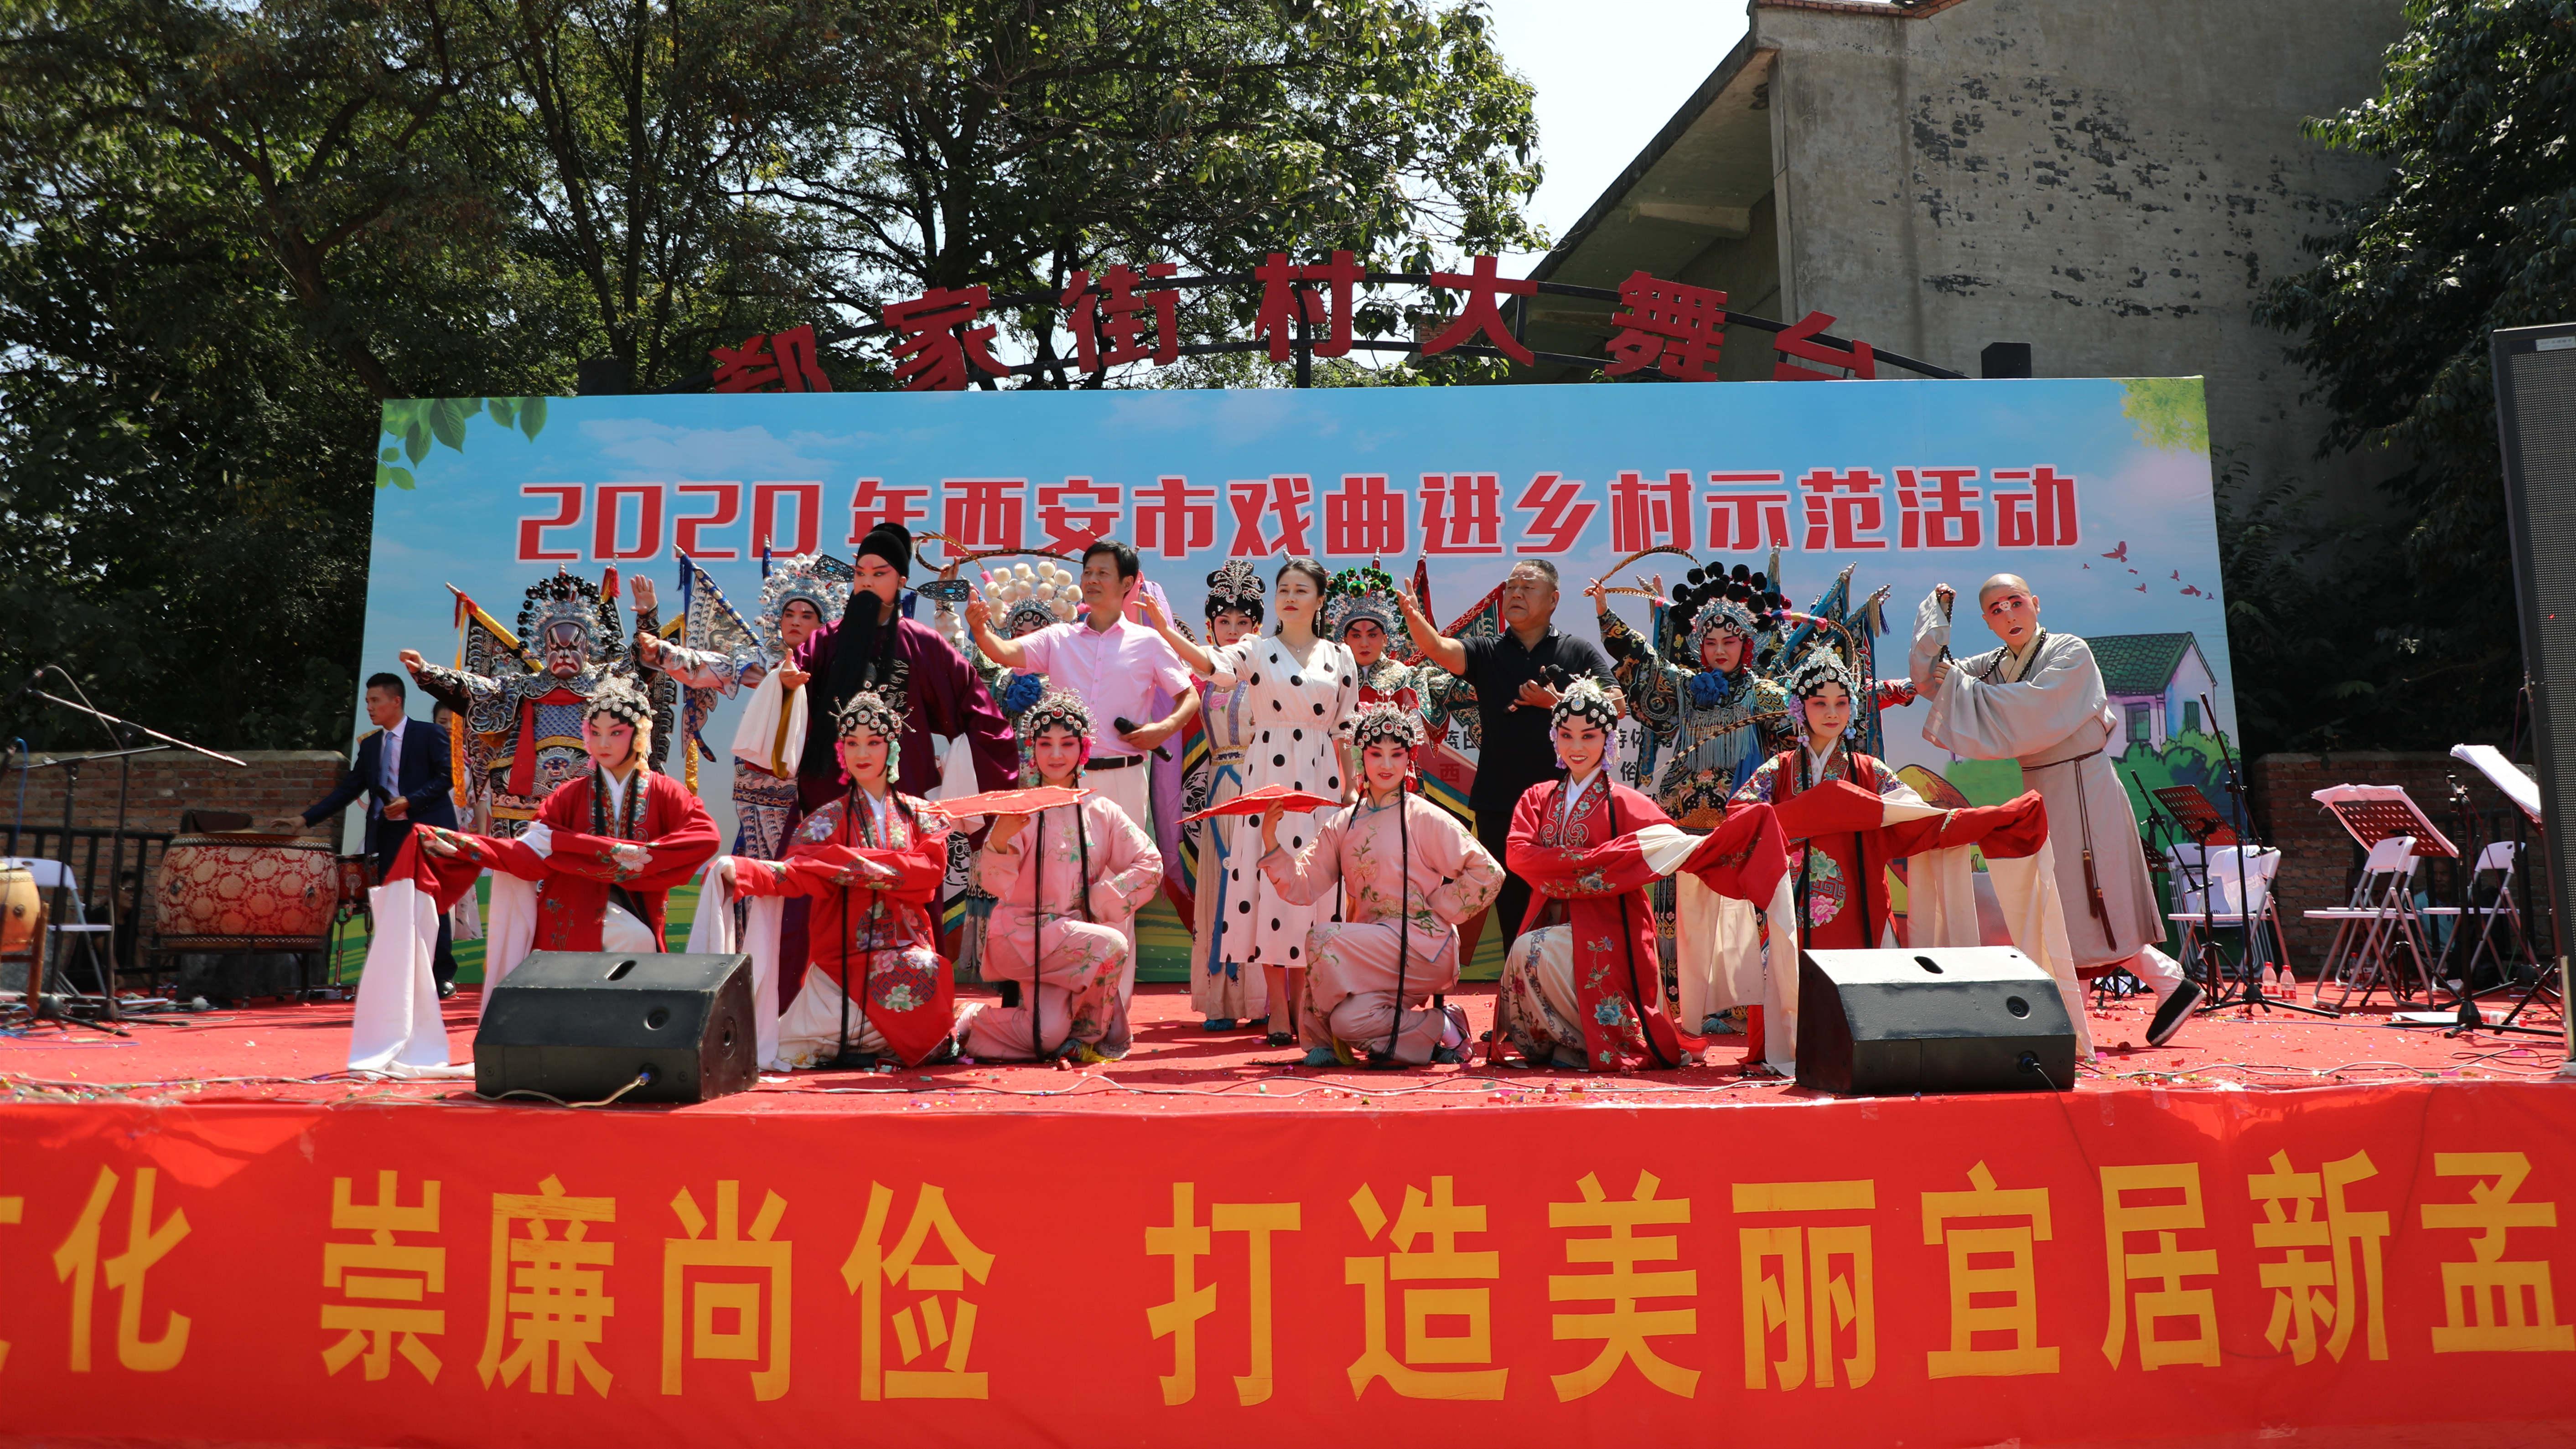 西安市举办2020戏曲进乡村示范活动